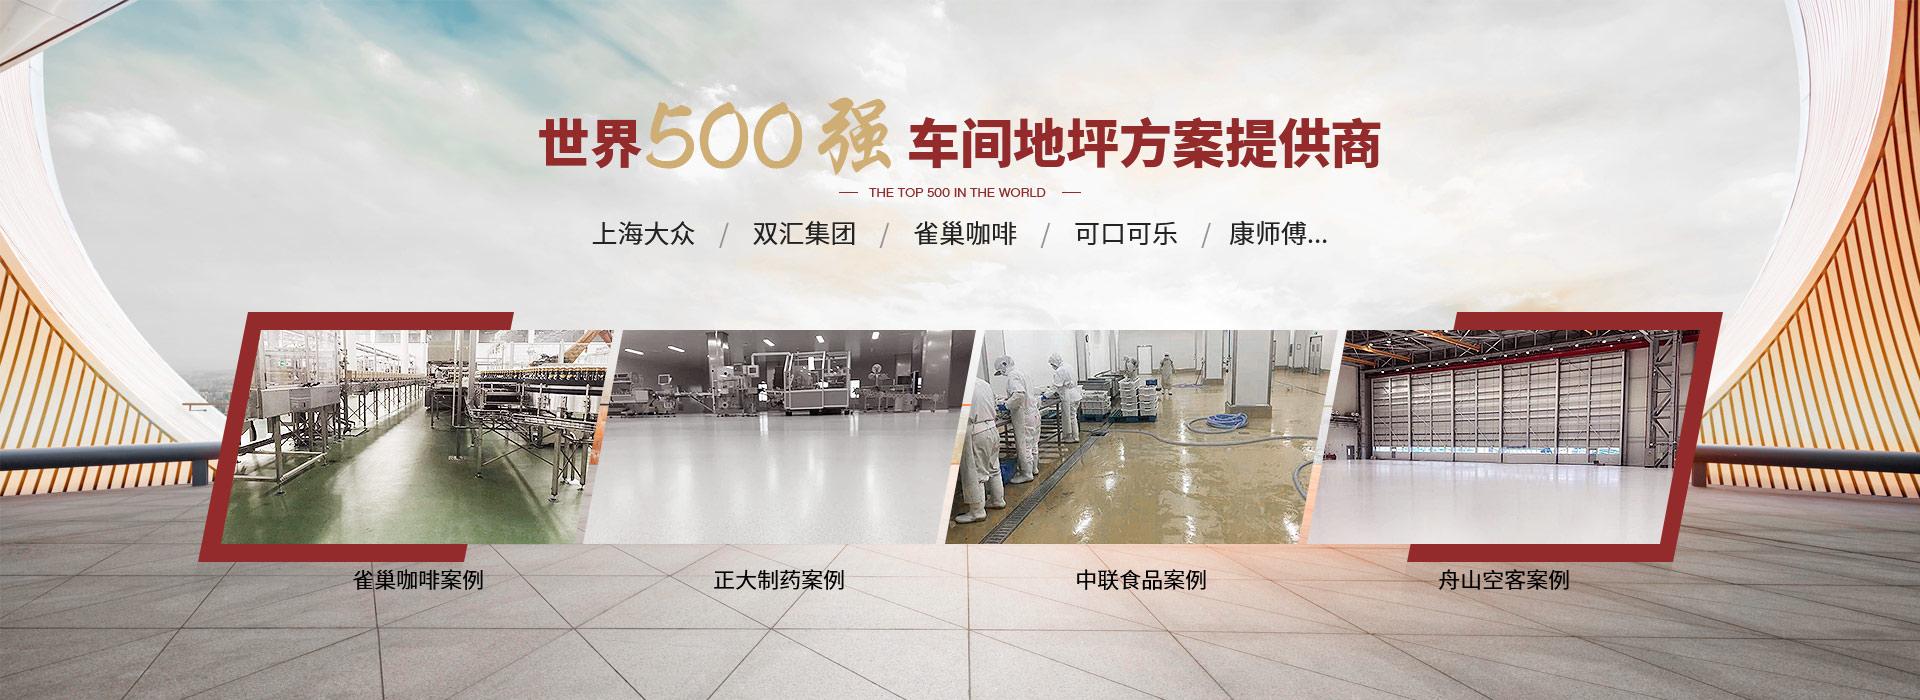 客聪-世界500强车间地坪方案提供商 上海大众 双汇集团 雀巢咖啡 可口可乐,康师傅